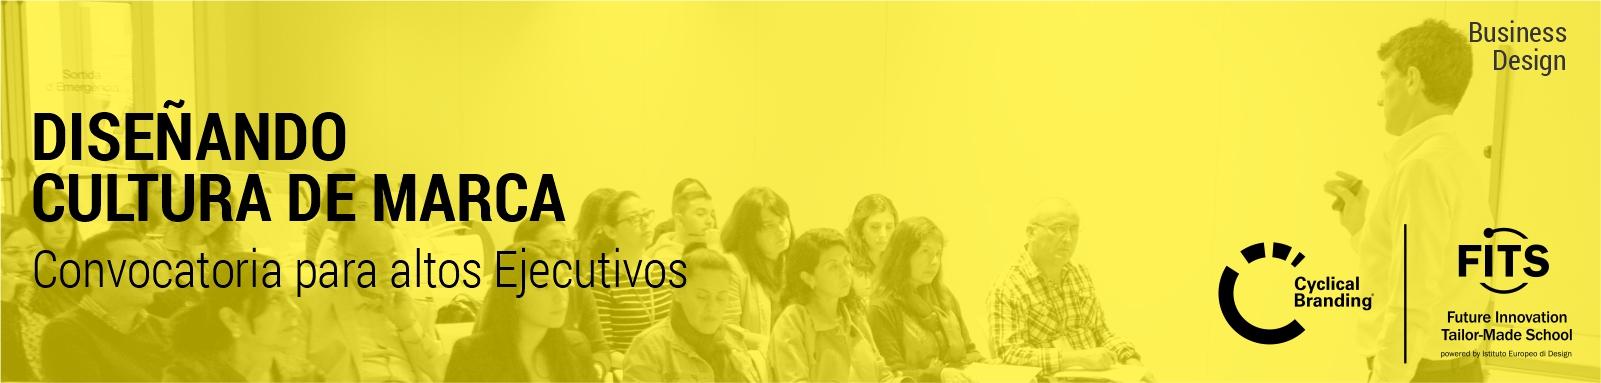 Diseñando Cultura de Marca, un curso para altos ejecutivos en LATAM